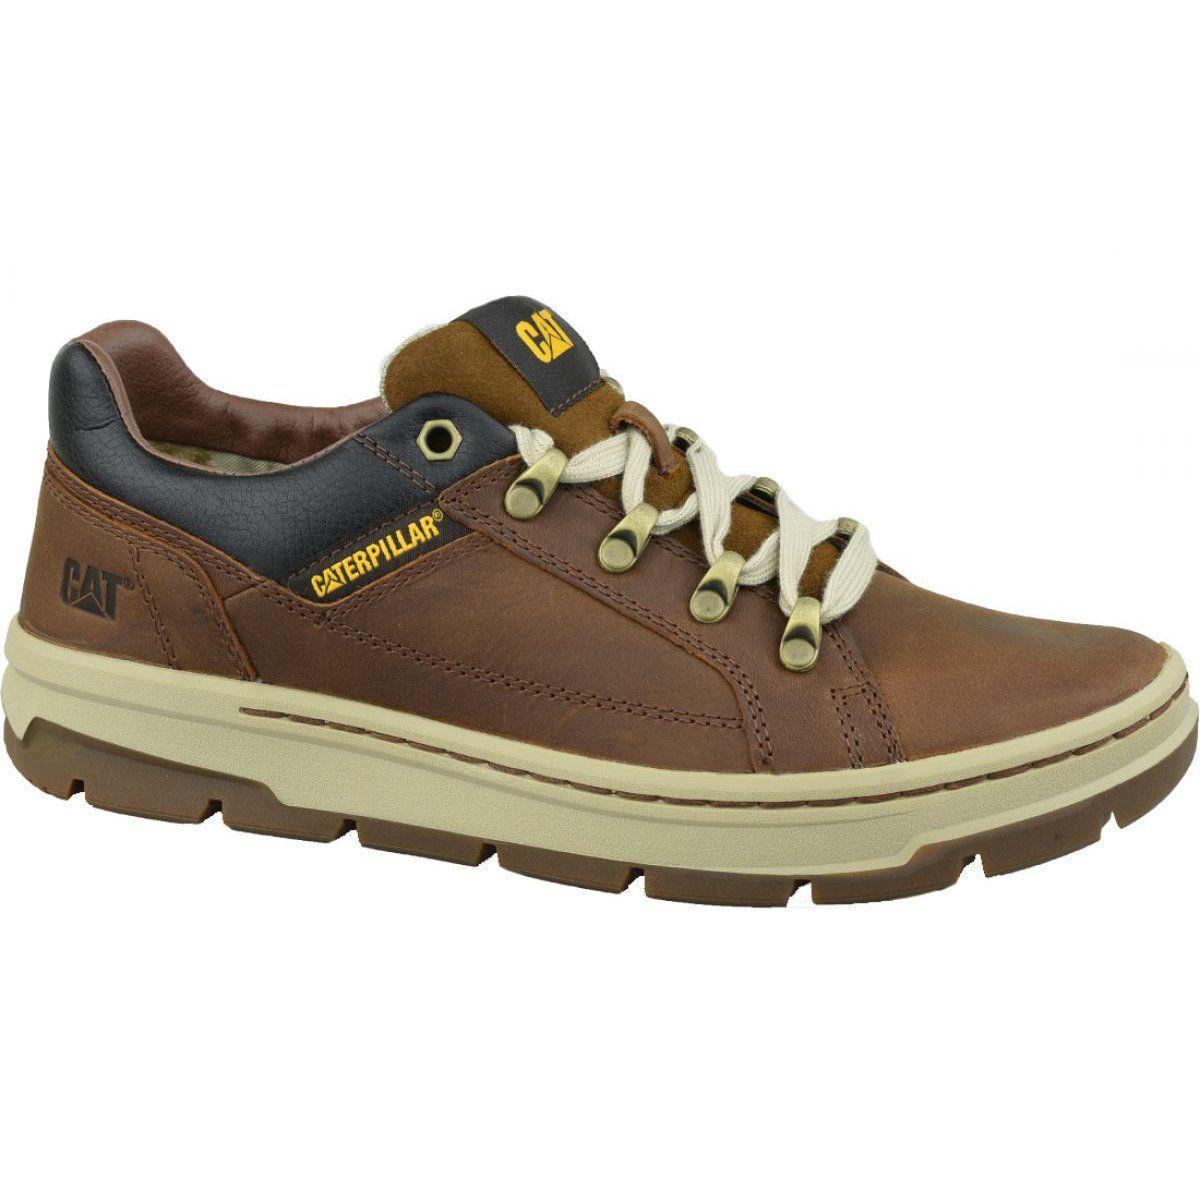 Buty Caterpillar Handson M P723730 Brazowe Shoes Men S Shoes Saucony Sneaker